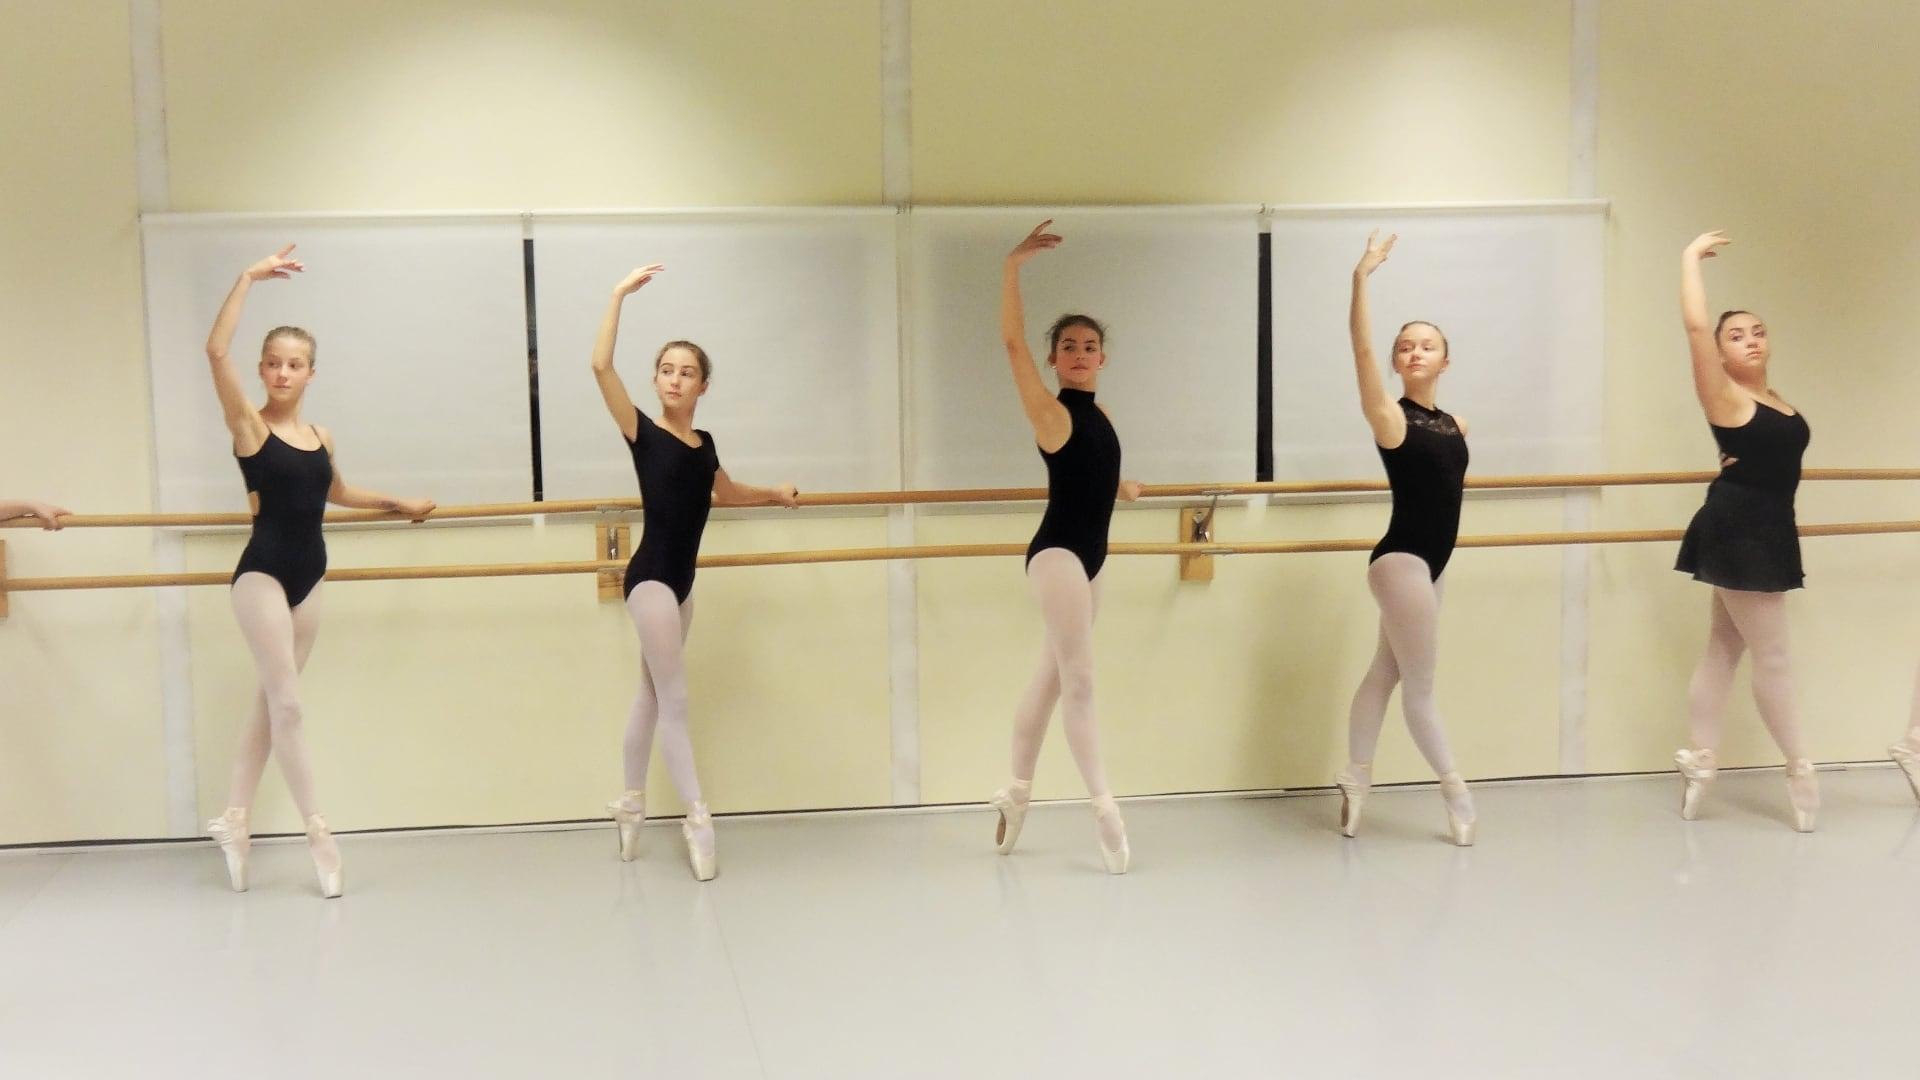 Das Ballett-Atelier Ludwigsburg bietet Ballett-Kurse für Jugendliche / Teenager an